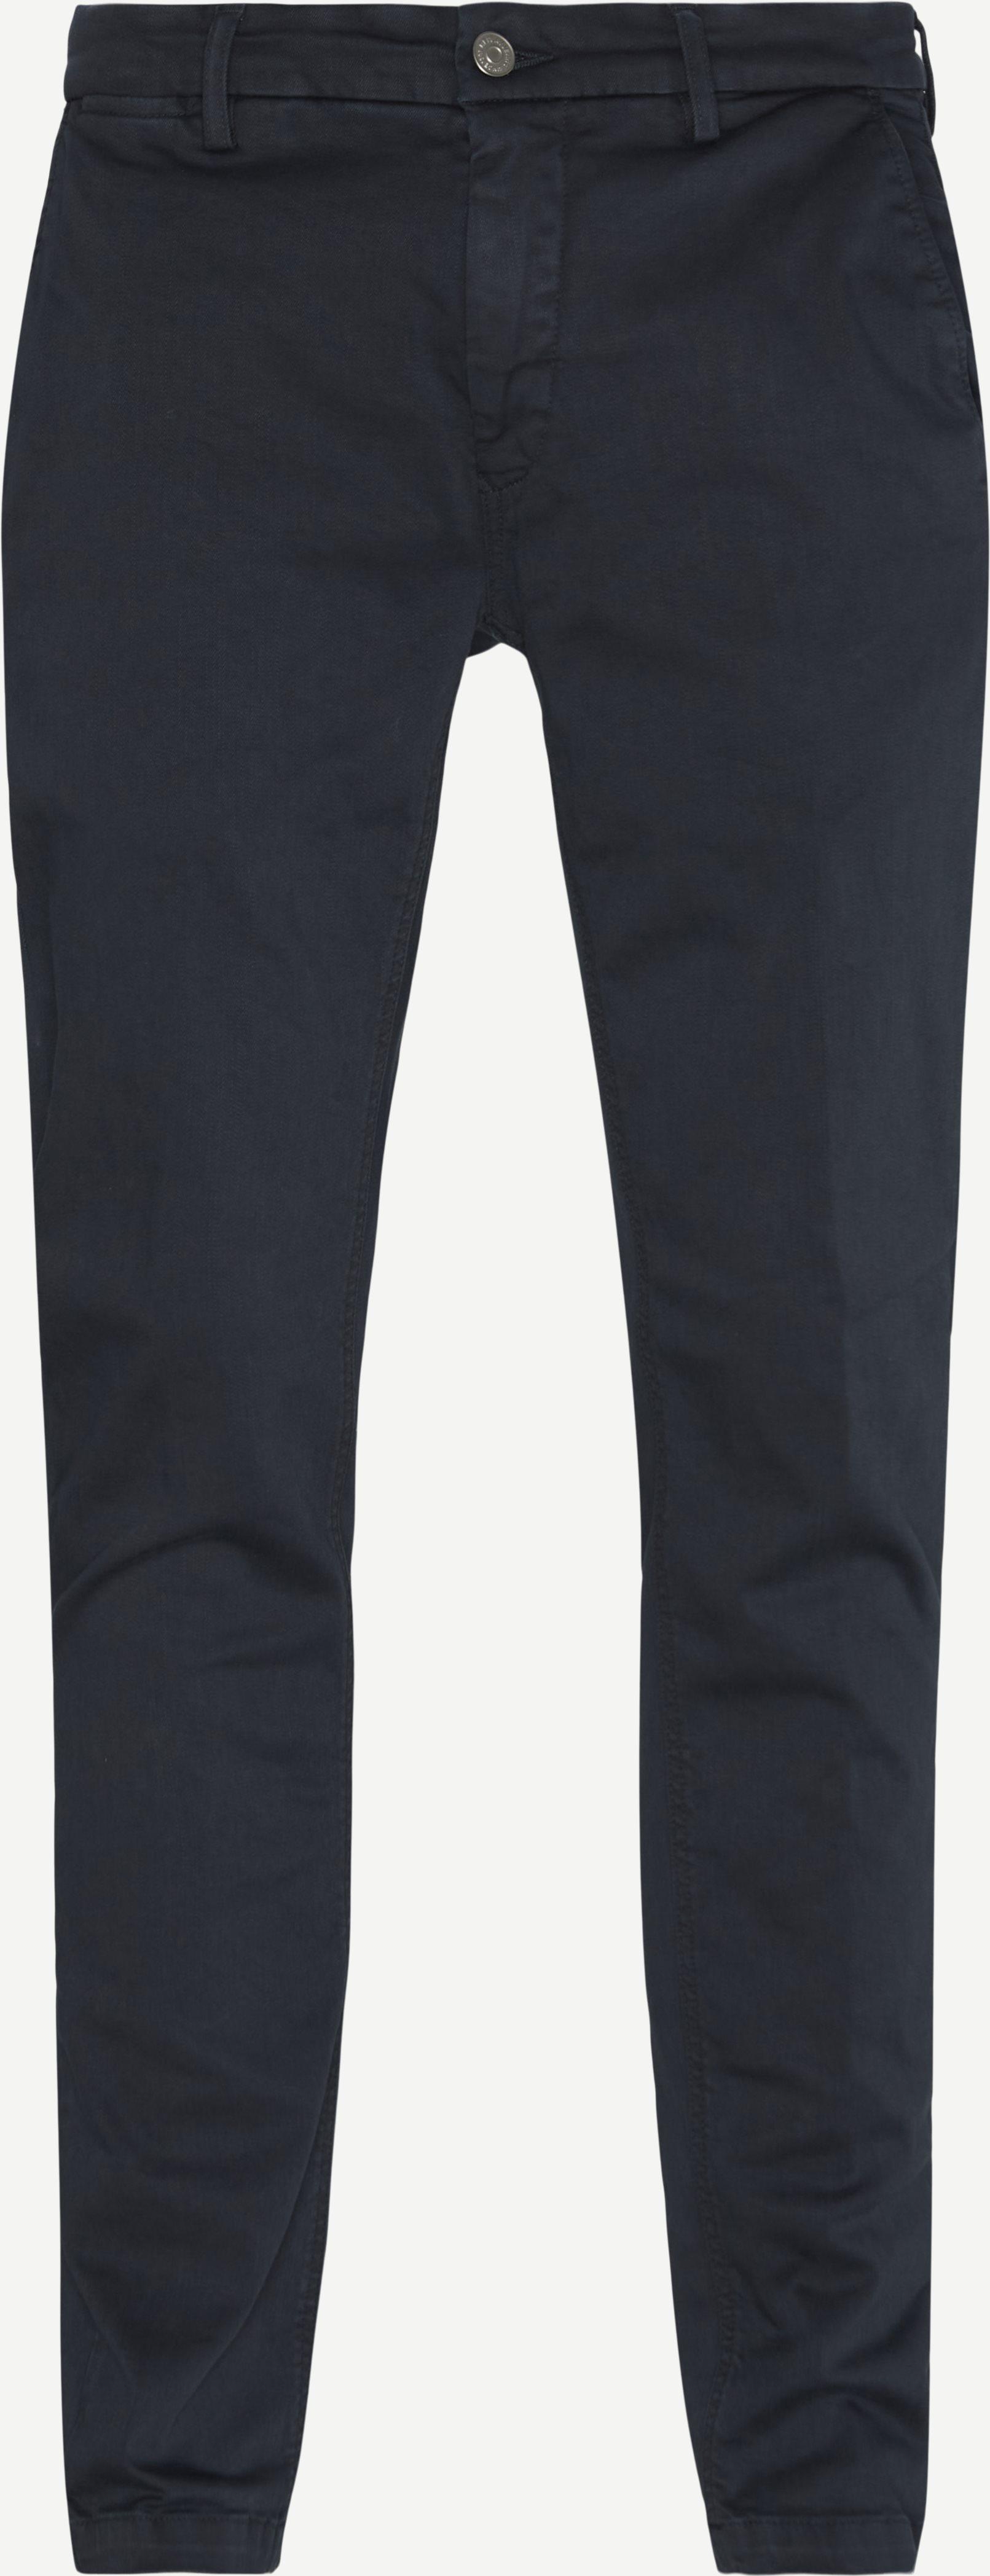 M9627L Chinos - Byxor - Regular - Blå